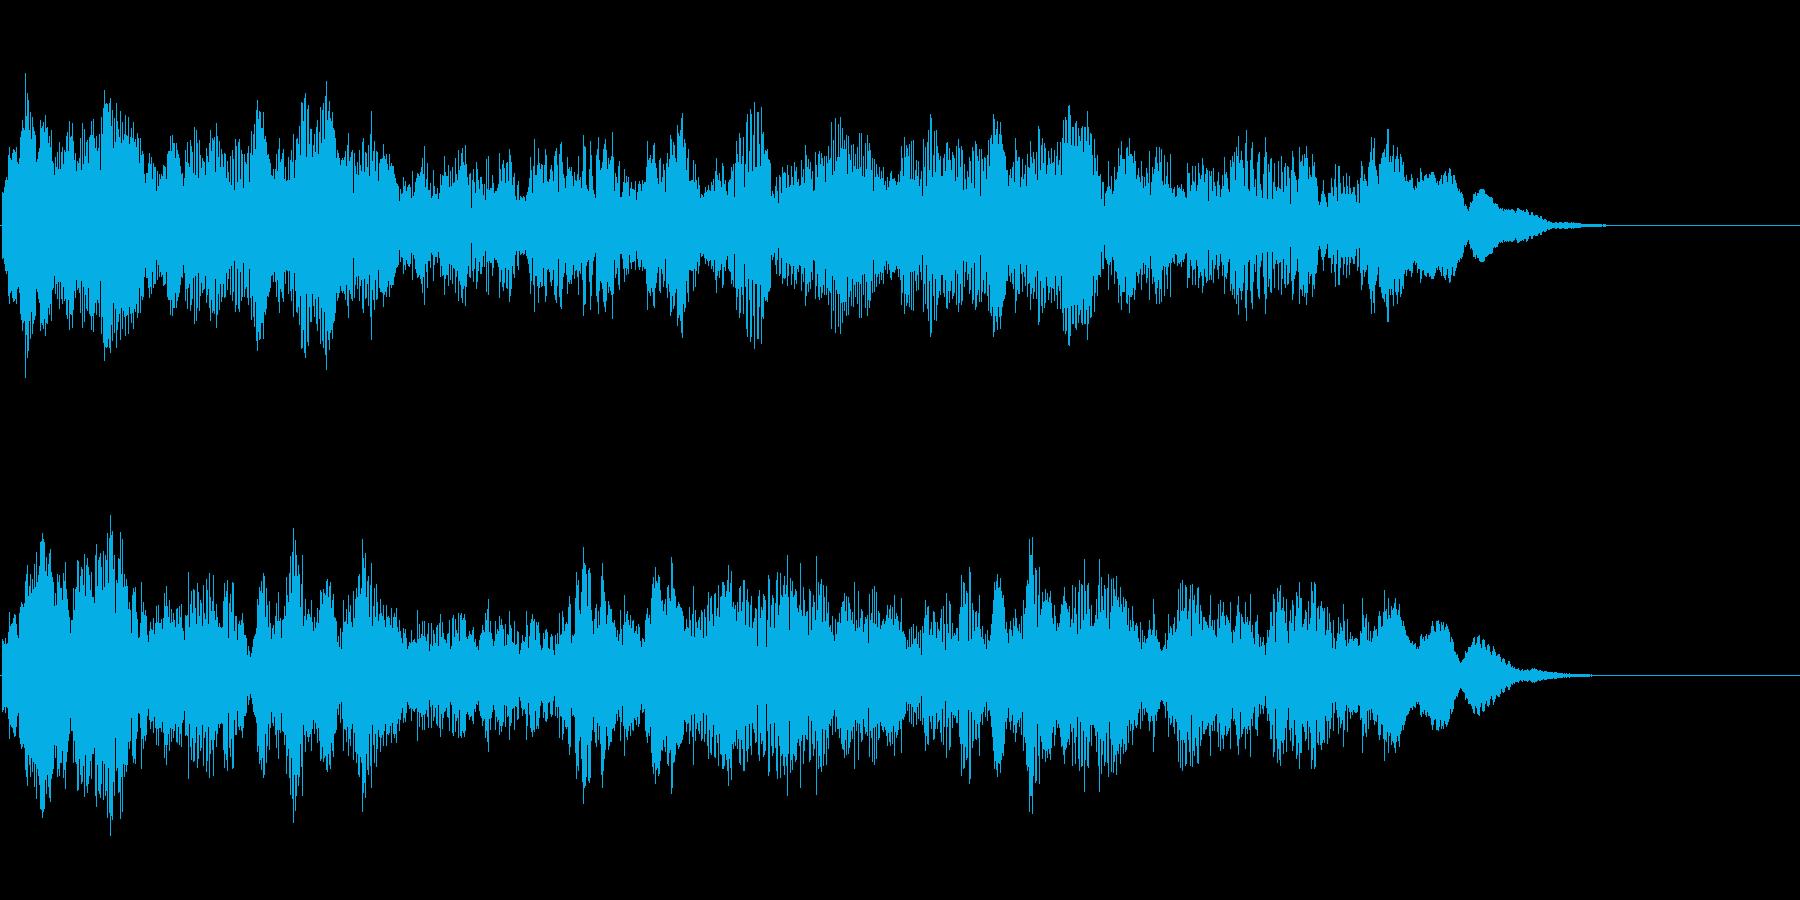 ファニーな打楽器系アイキャッチの再生済みの波形